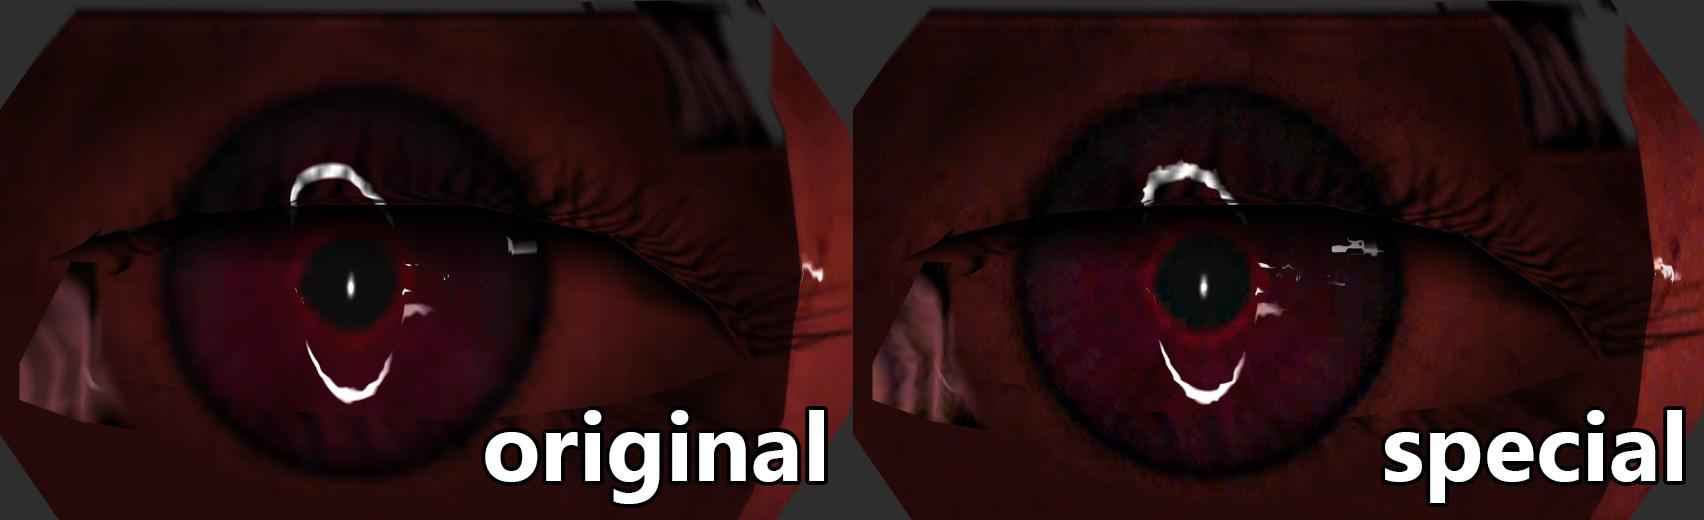 Skyrim Special Edition ESRGAN textures comparison-2